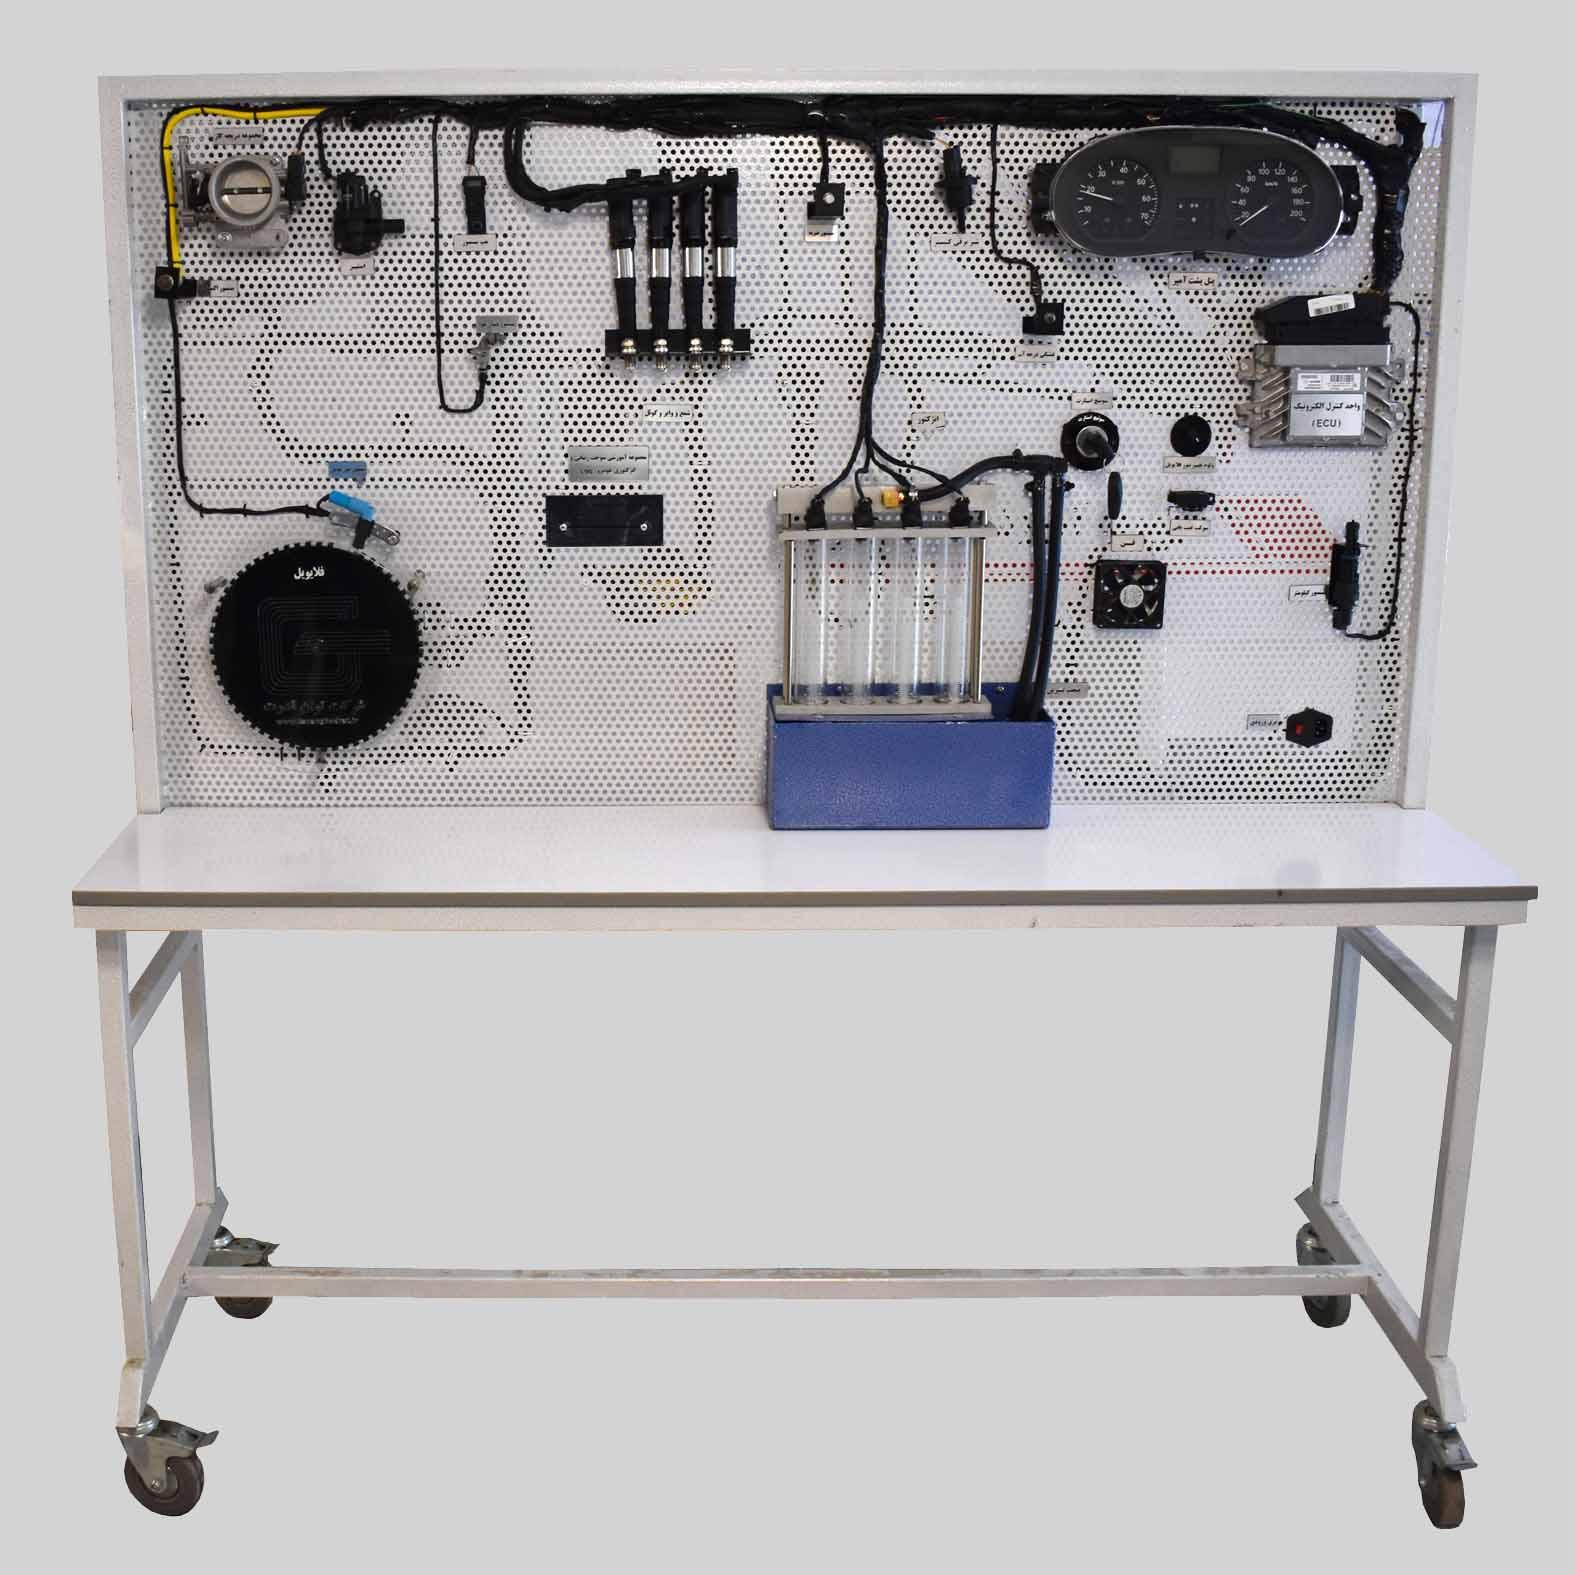 تابلو سوخت رسانی و انژکتوری L90